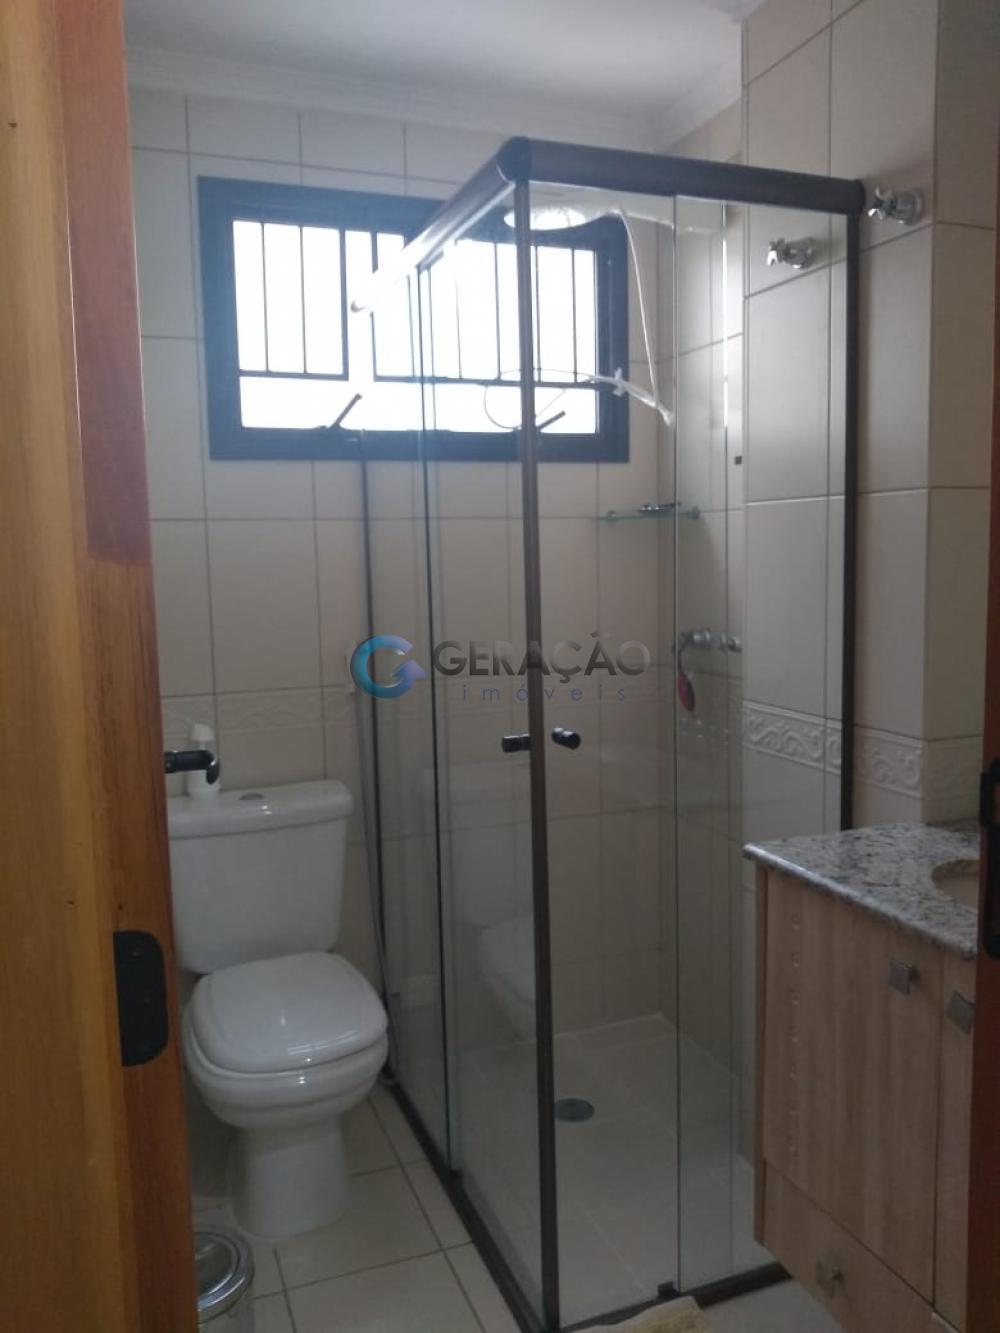 Comprar Apartamento / Padrão em São José dos Campos R$ 1.300.000,00 - Foto 18